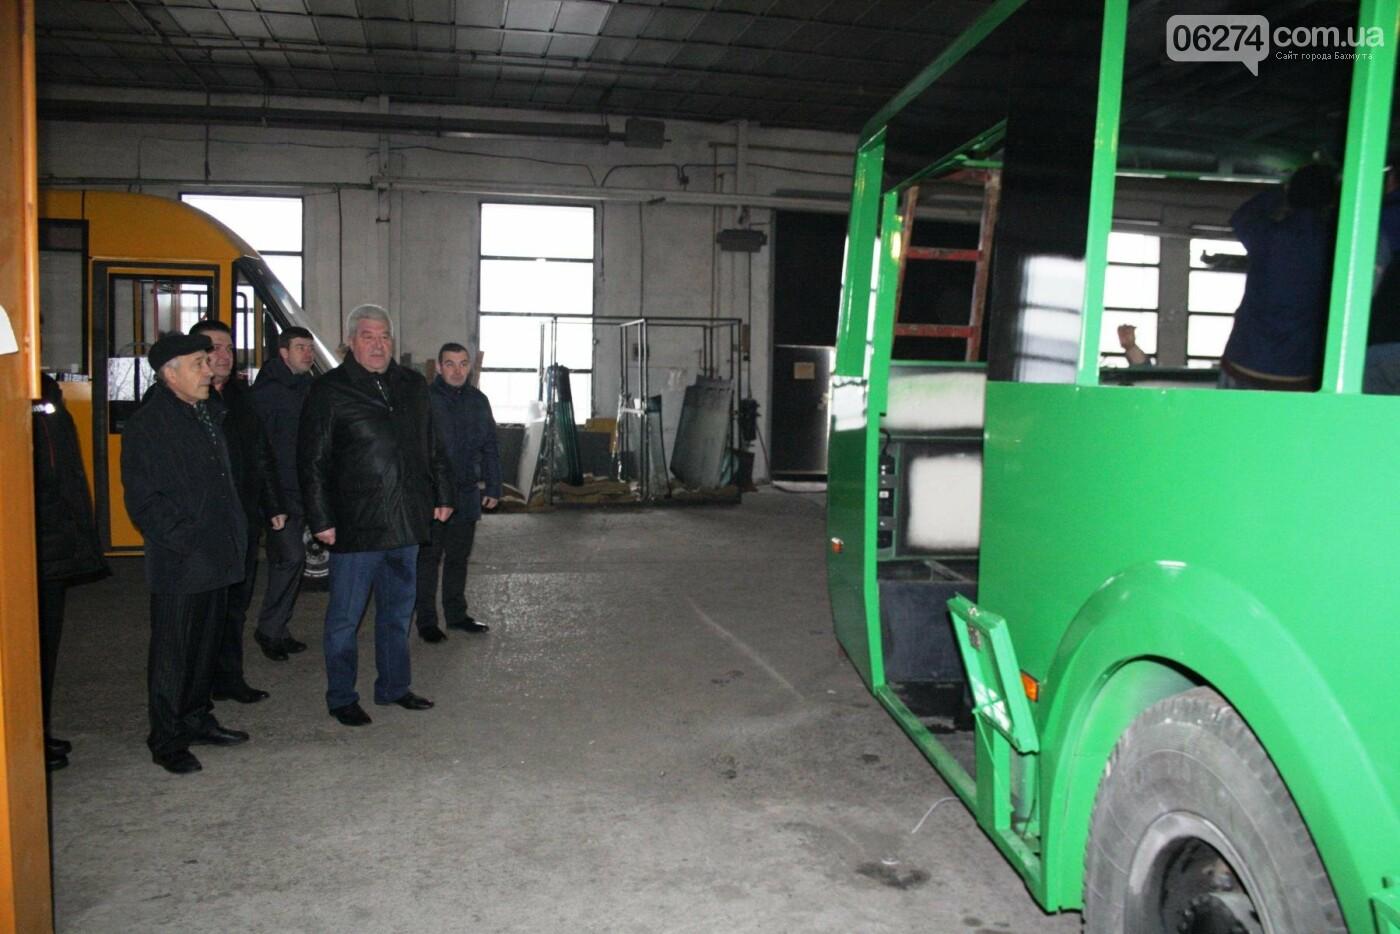 В Часовом Яре проходят работы по капитальному ремонту троллейбуса для Бахмута (ФОТО), фото-2